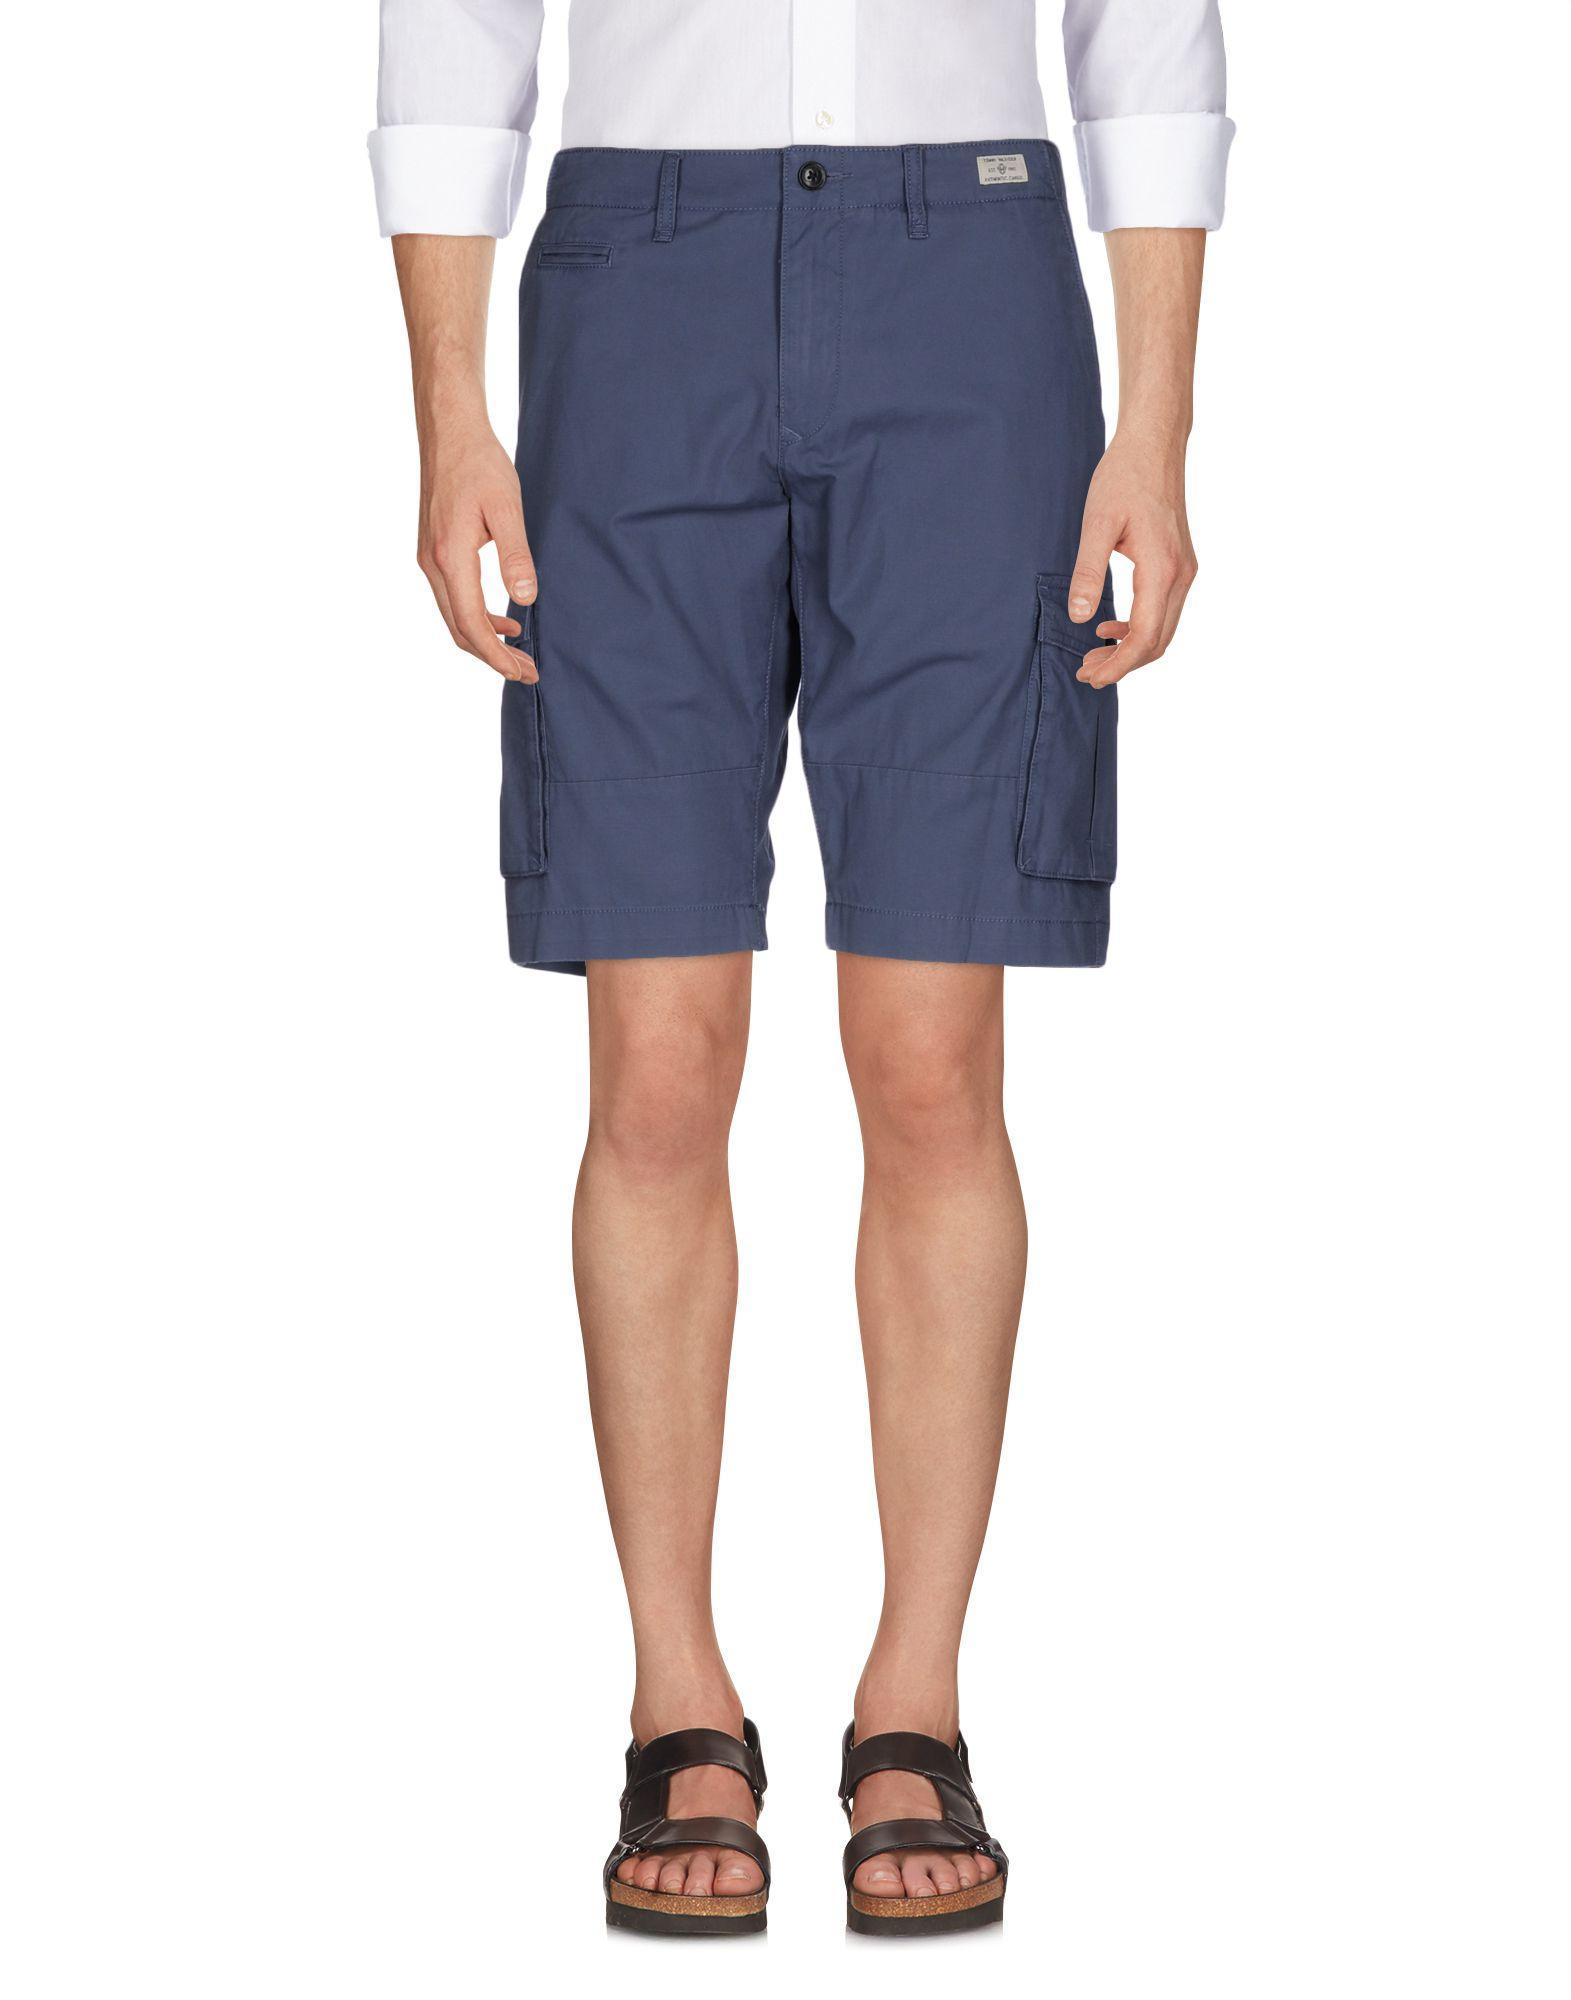 lyst tommy hilfiger bermuda shorts in blue for men. Black Bedroom Furniture Sets. Home Design Ideas